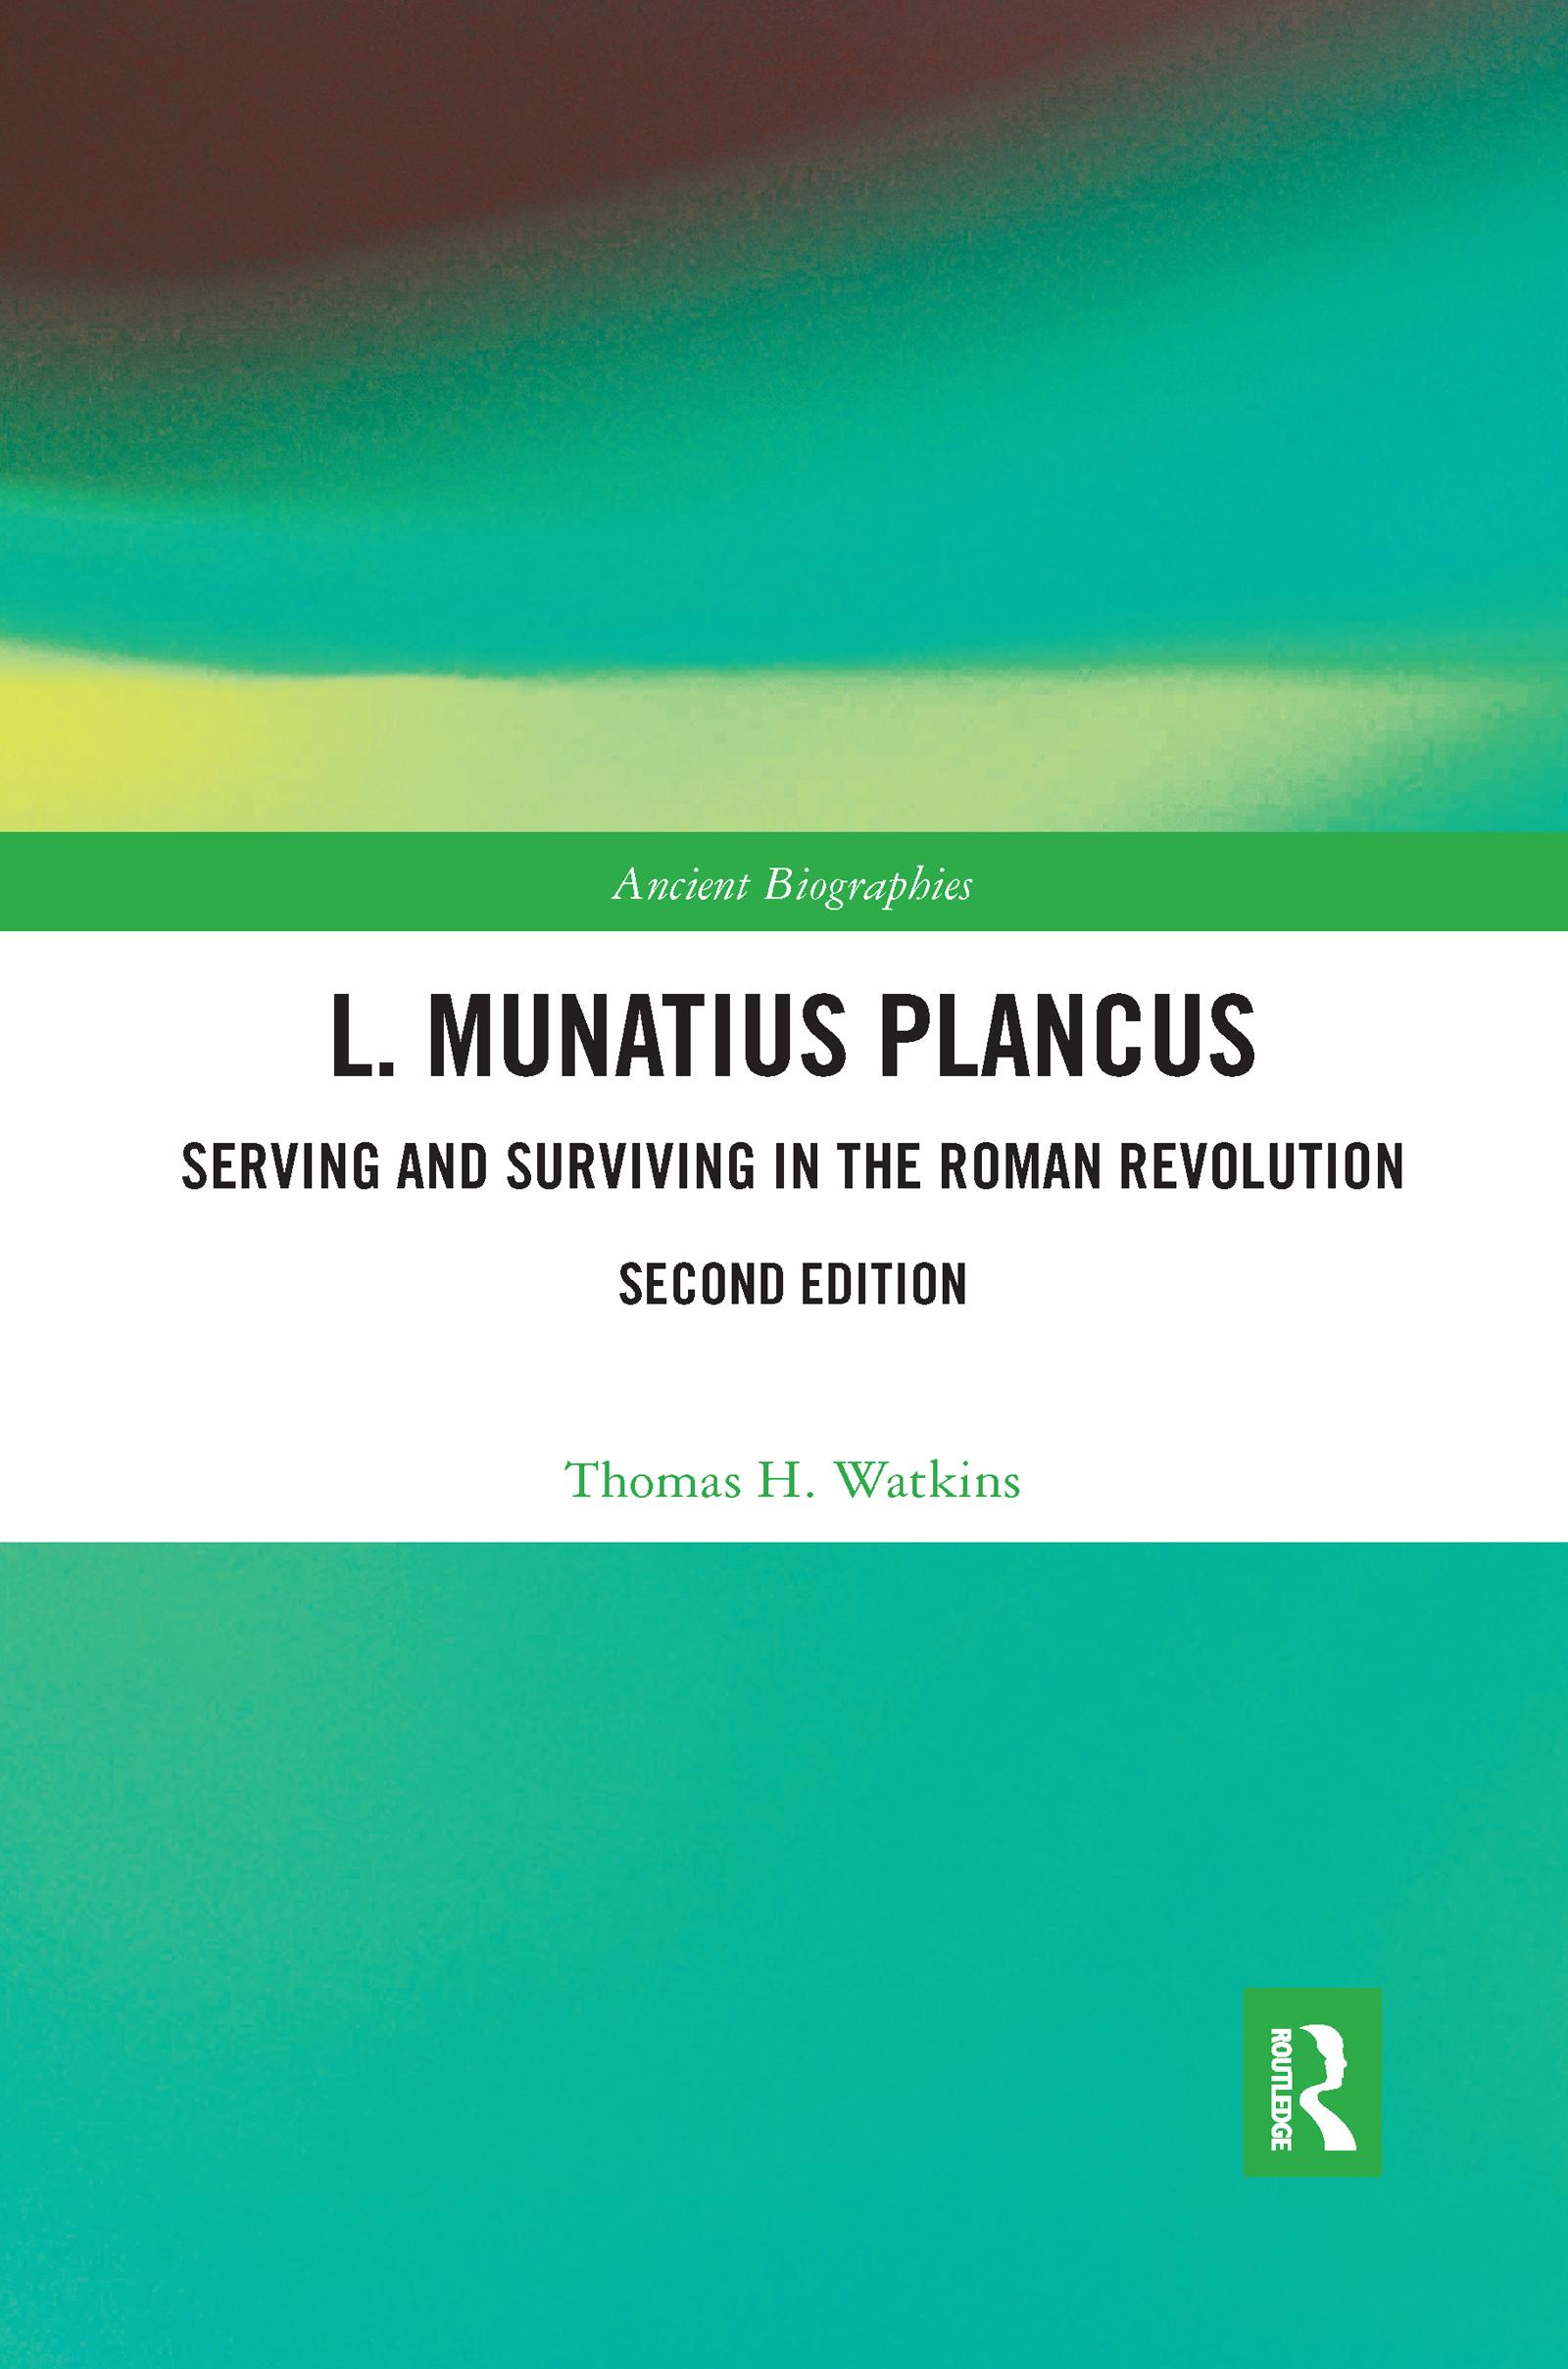 L. Munatius Plancus